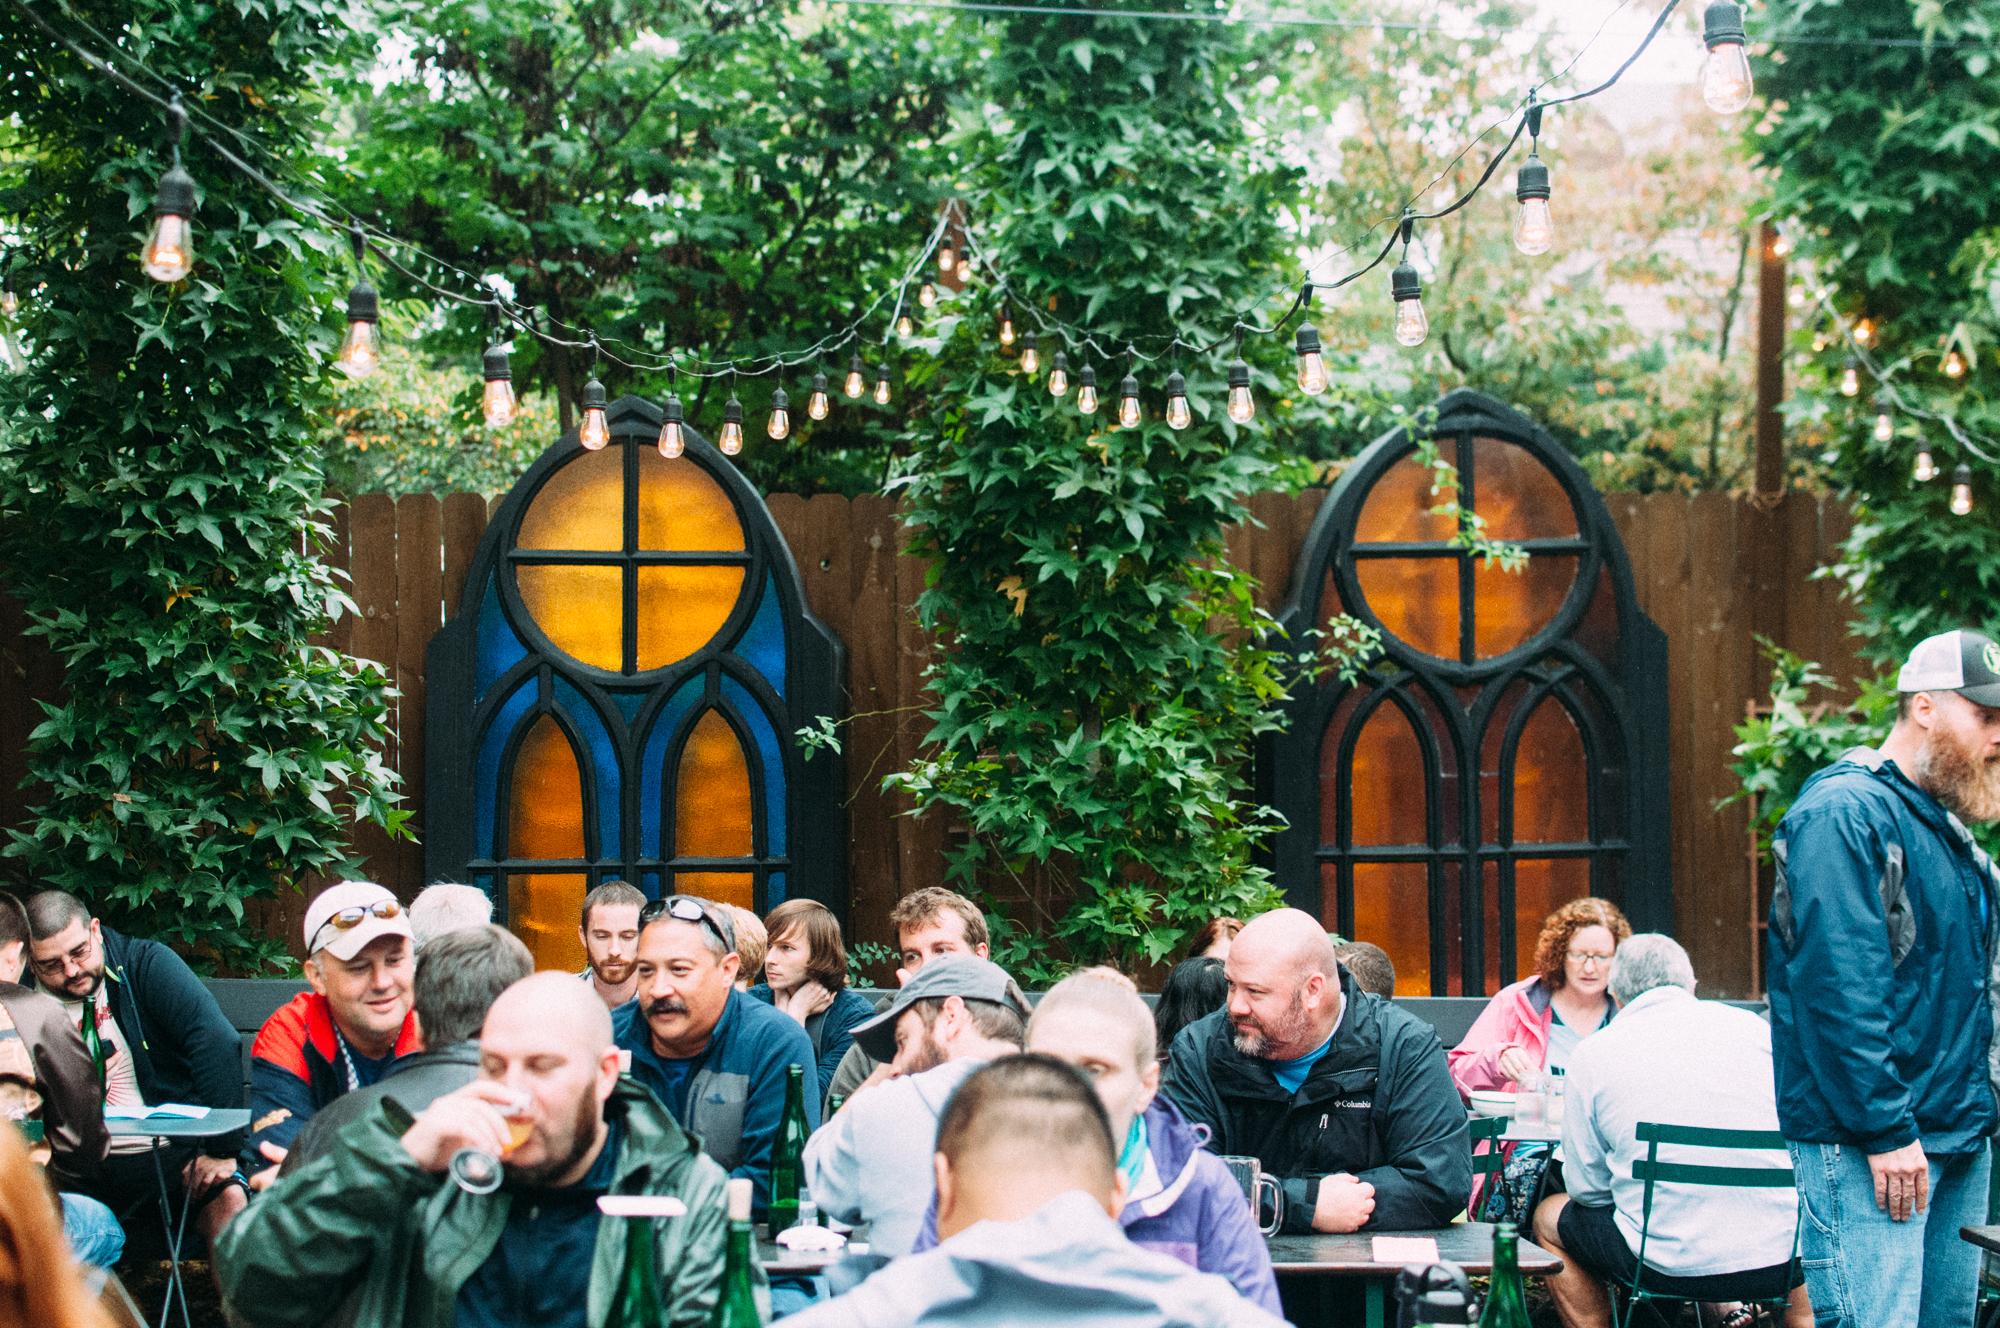 cantillon zwanze holy grale-31.jpg